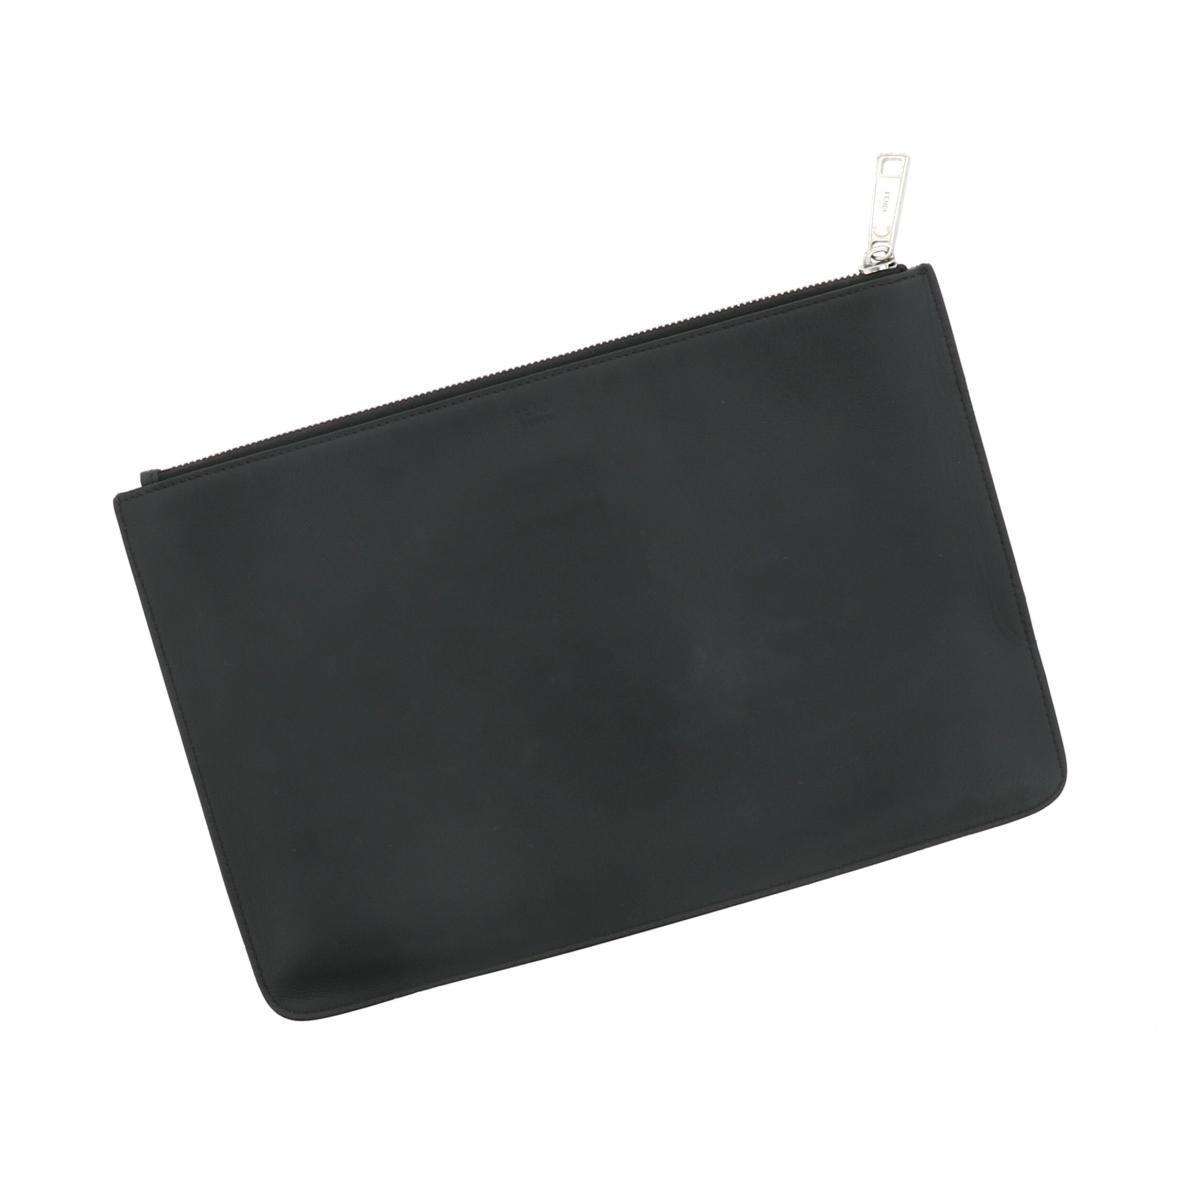 【中古】FENDI フェンディ クラッチバッグ バッグ セカンドバッグ/ポーチ/クラッチ  Black/ブラック 7N0078 used:B